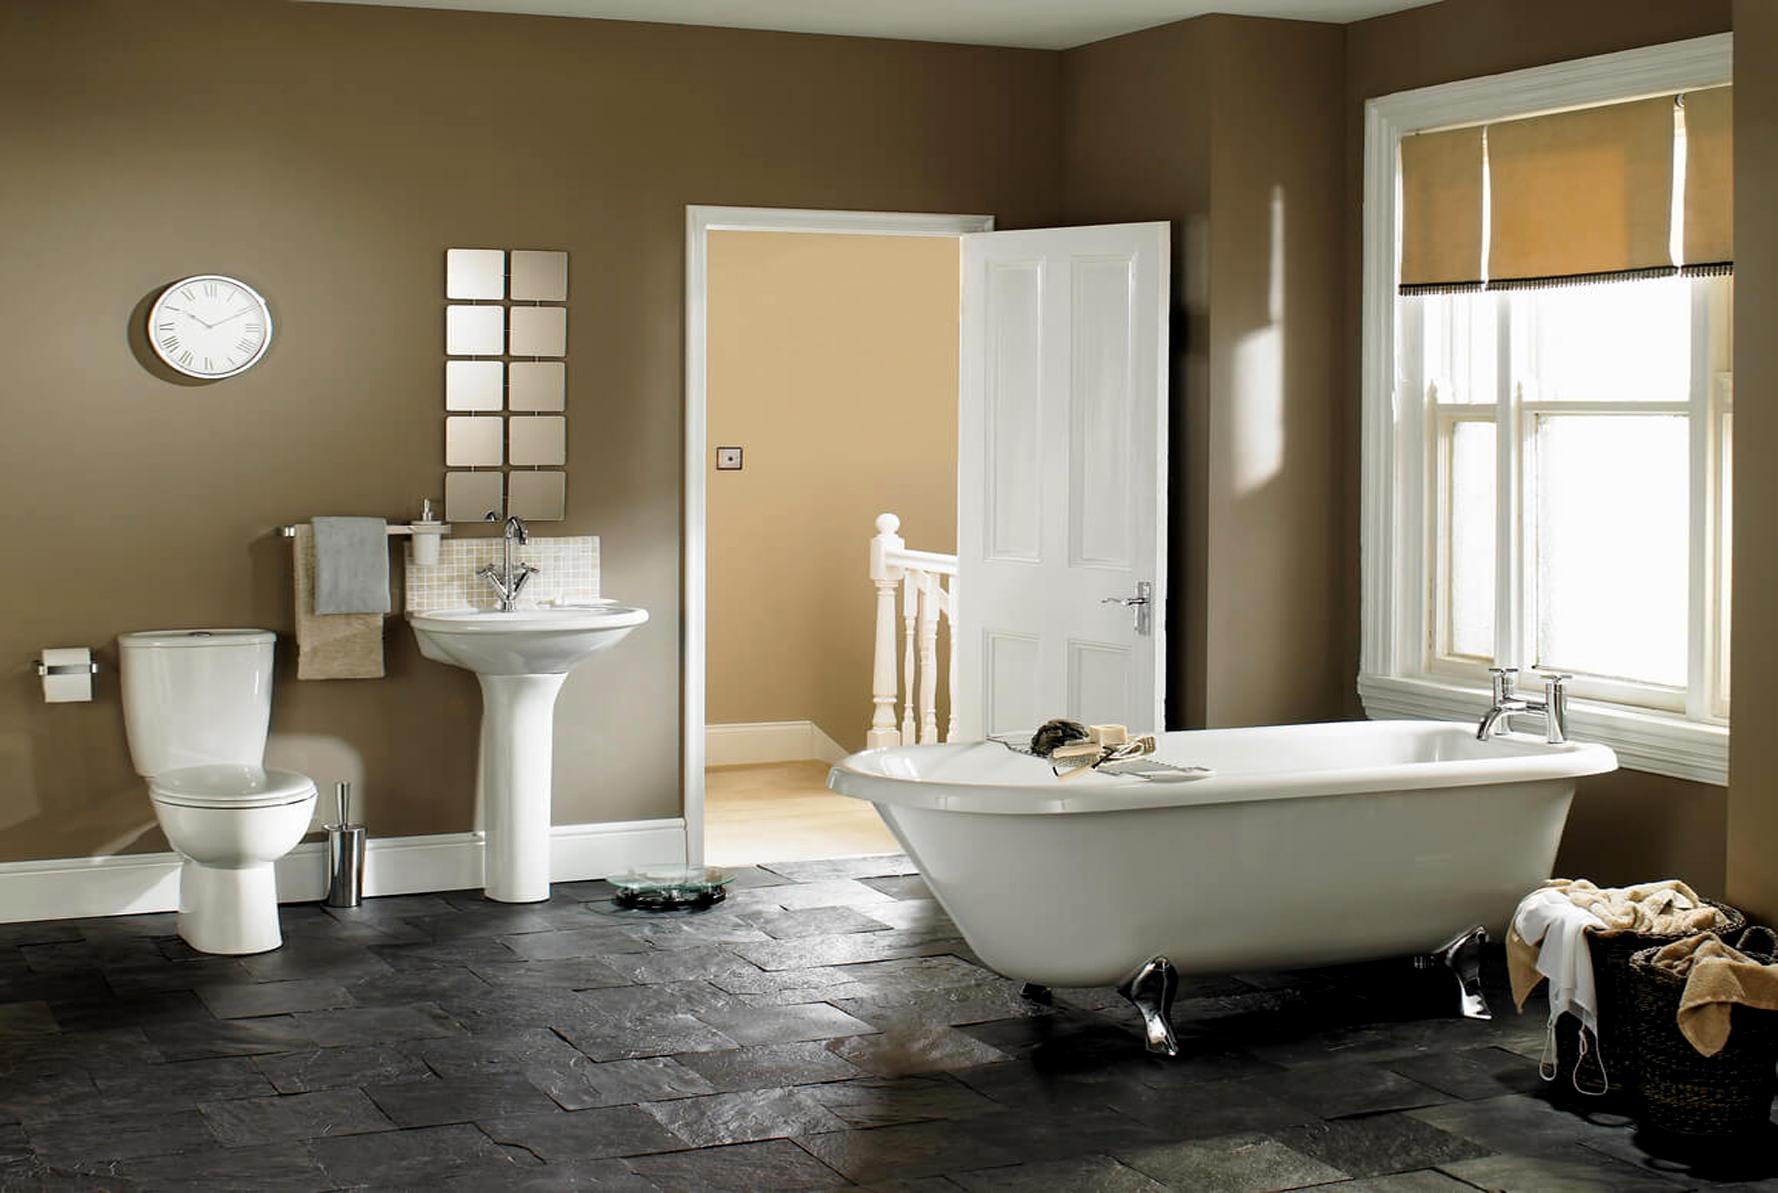 thiết-kế-phòng-tắm-mùa-hè-AIC-JSC-1